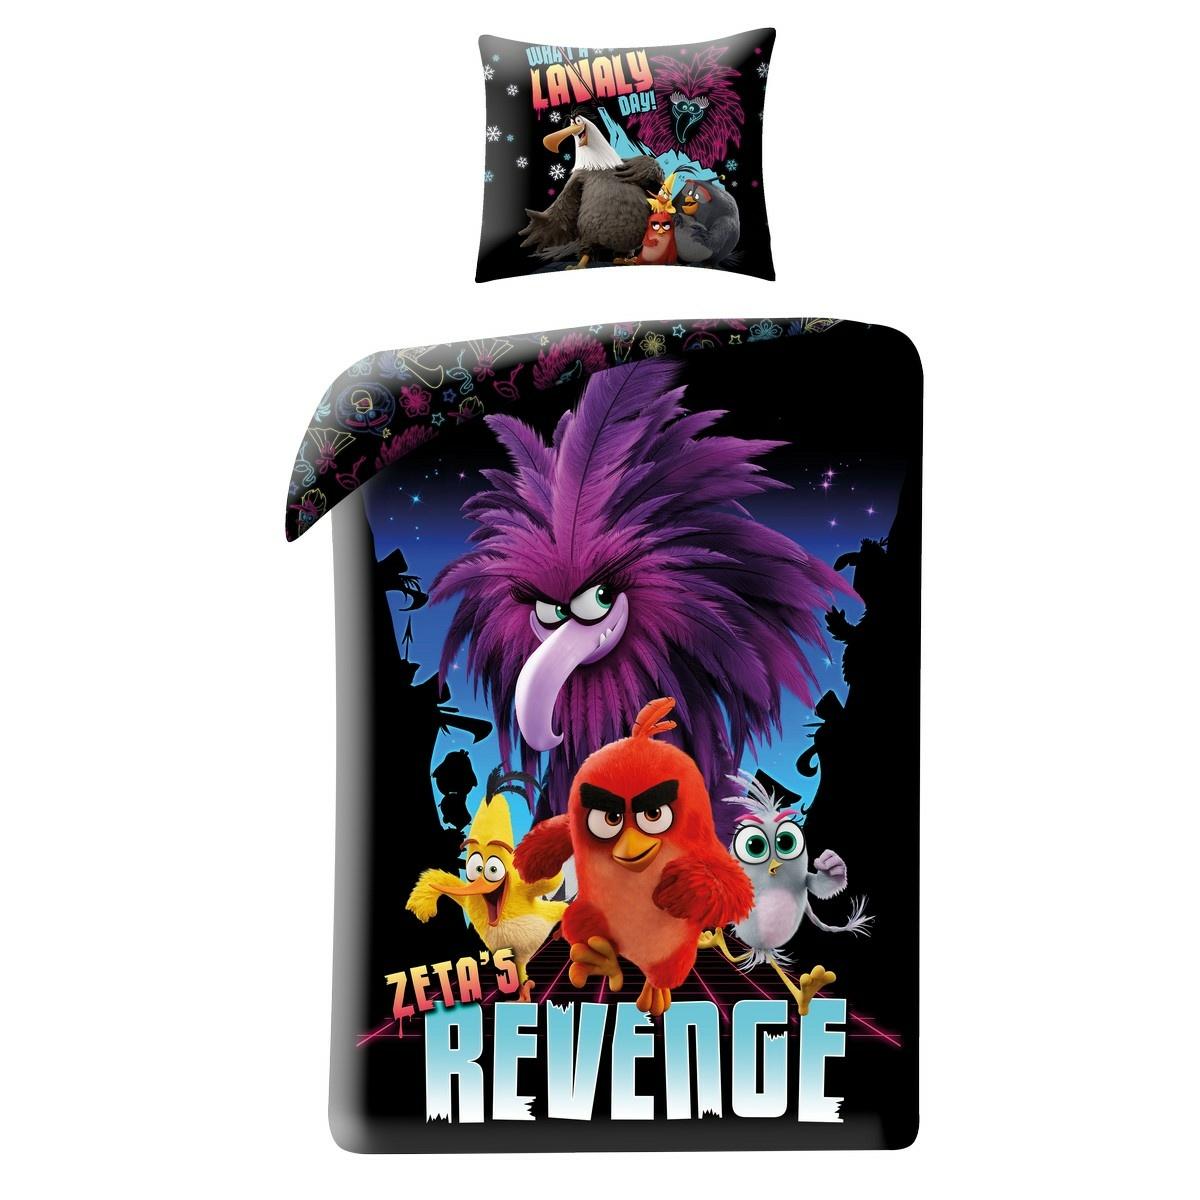 Halantex Dětské bavlněné povlečení Angry Birds Movie 2 Revenge, 140 x 200 cm, 70 x 90 cm